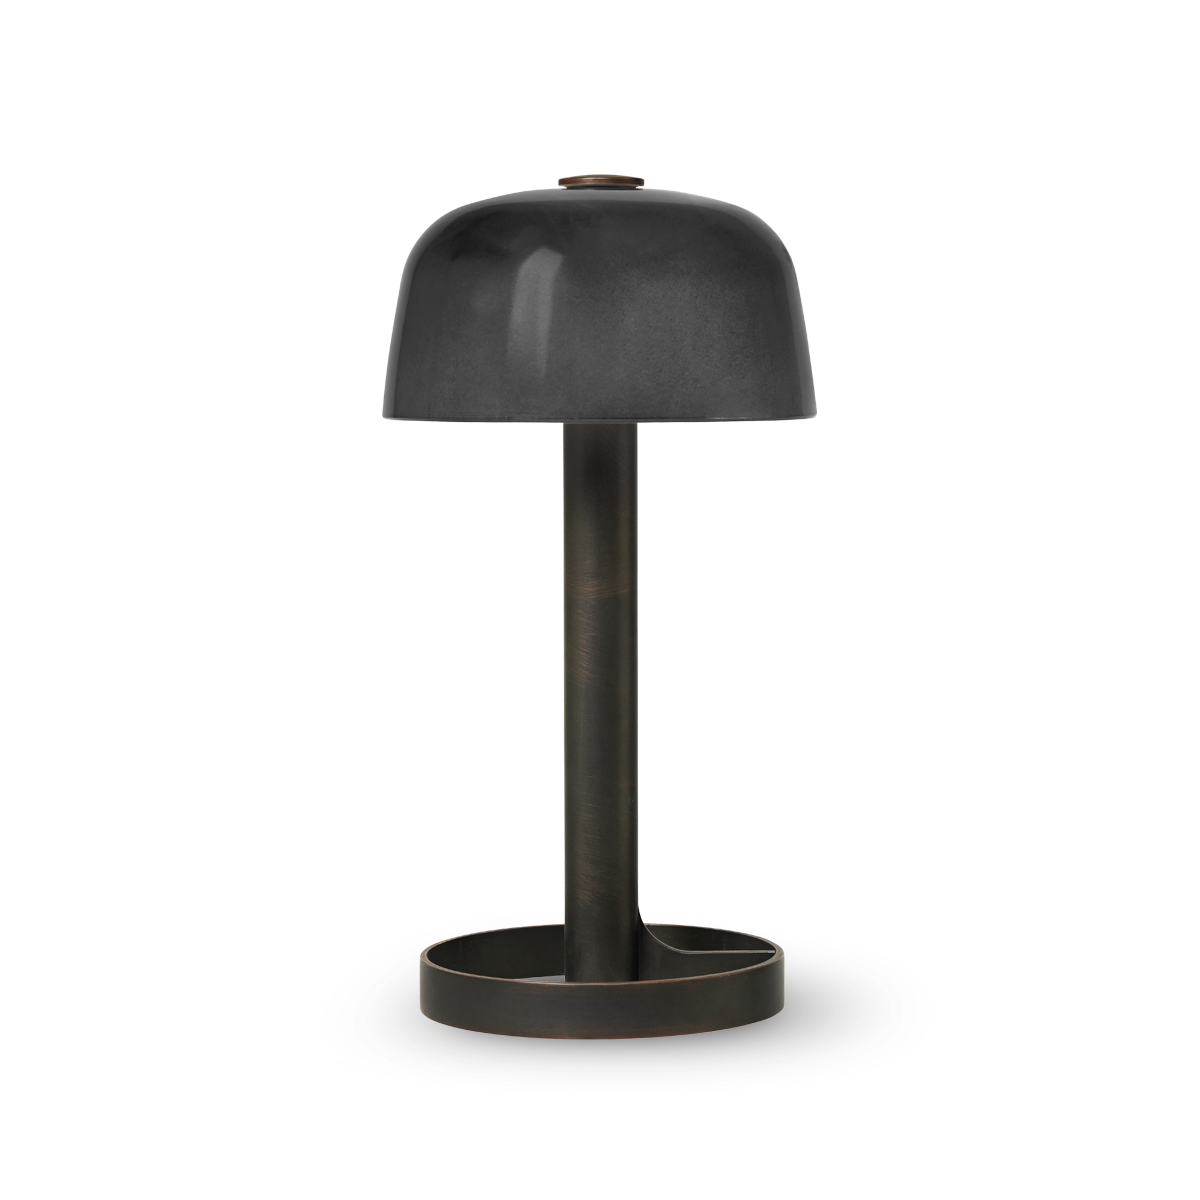 Rosendahl - Soft Spot Table Lamp - Smoke (26202)